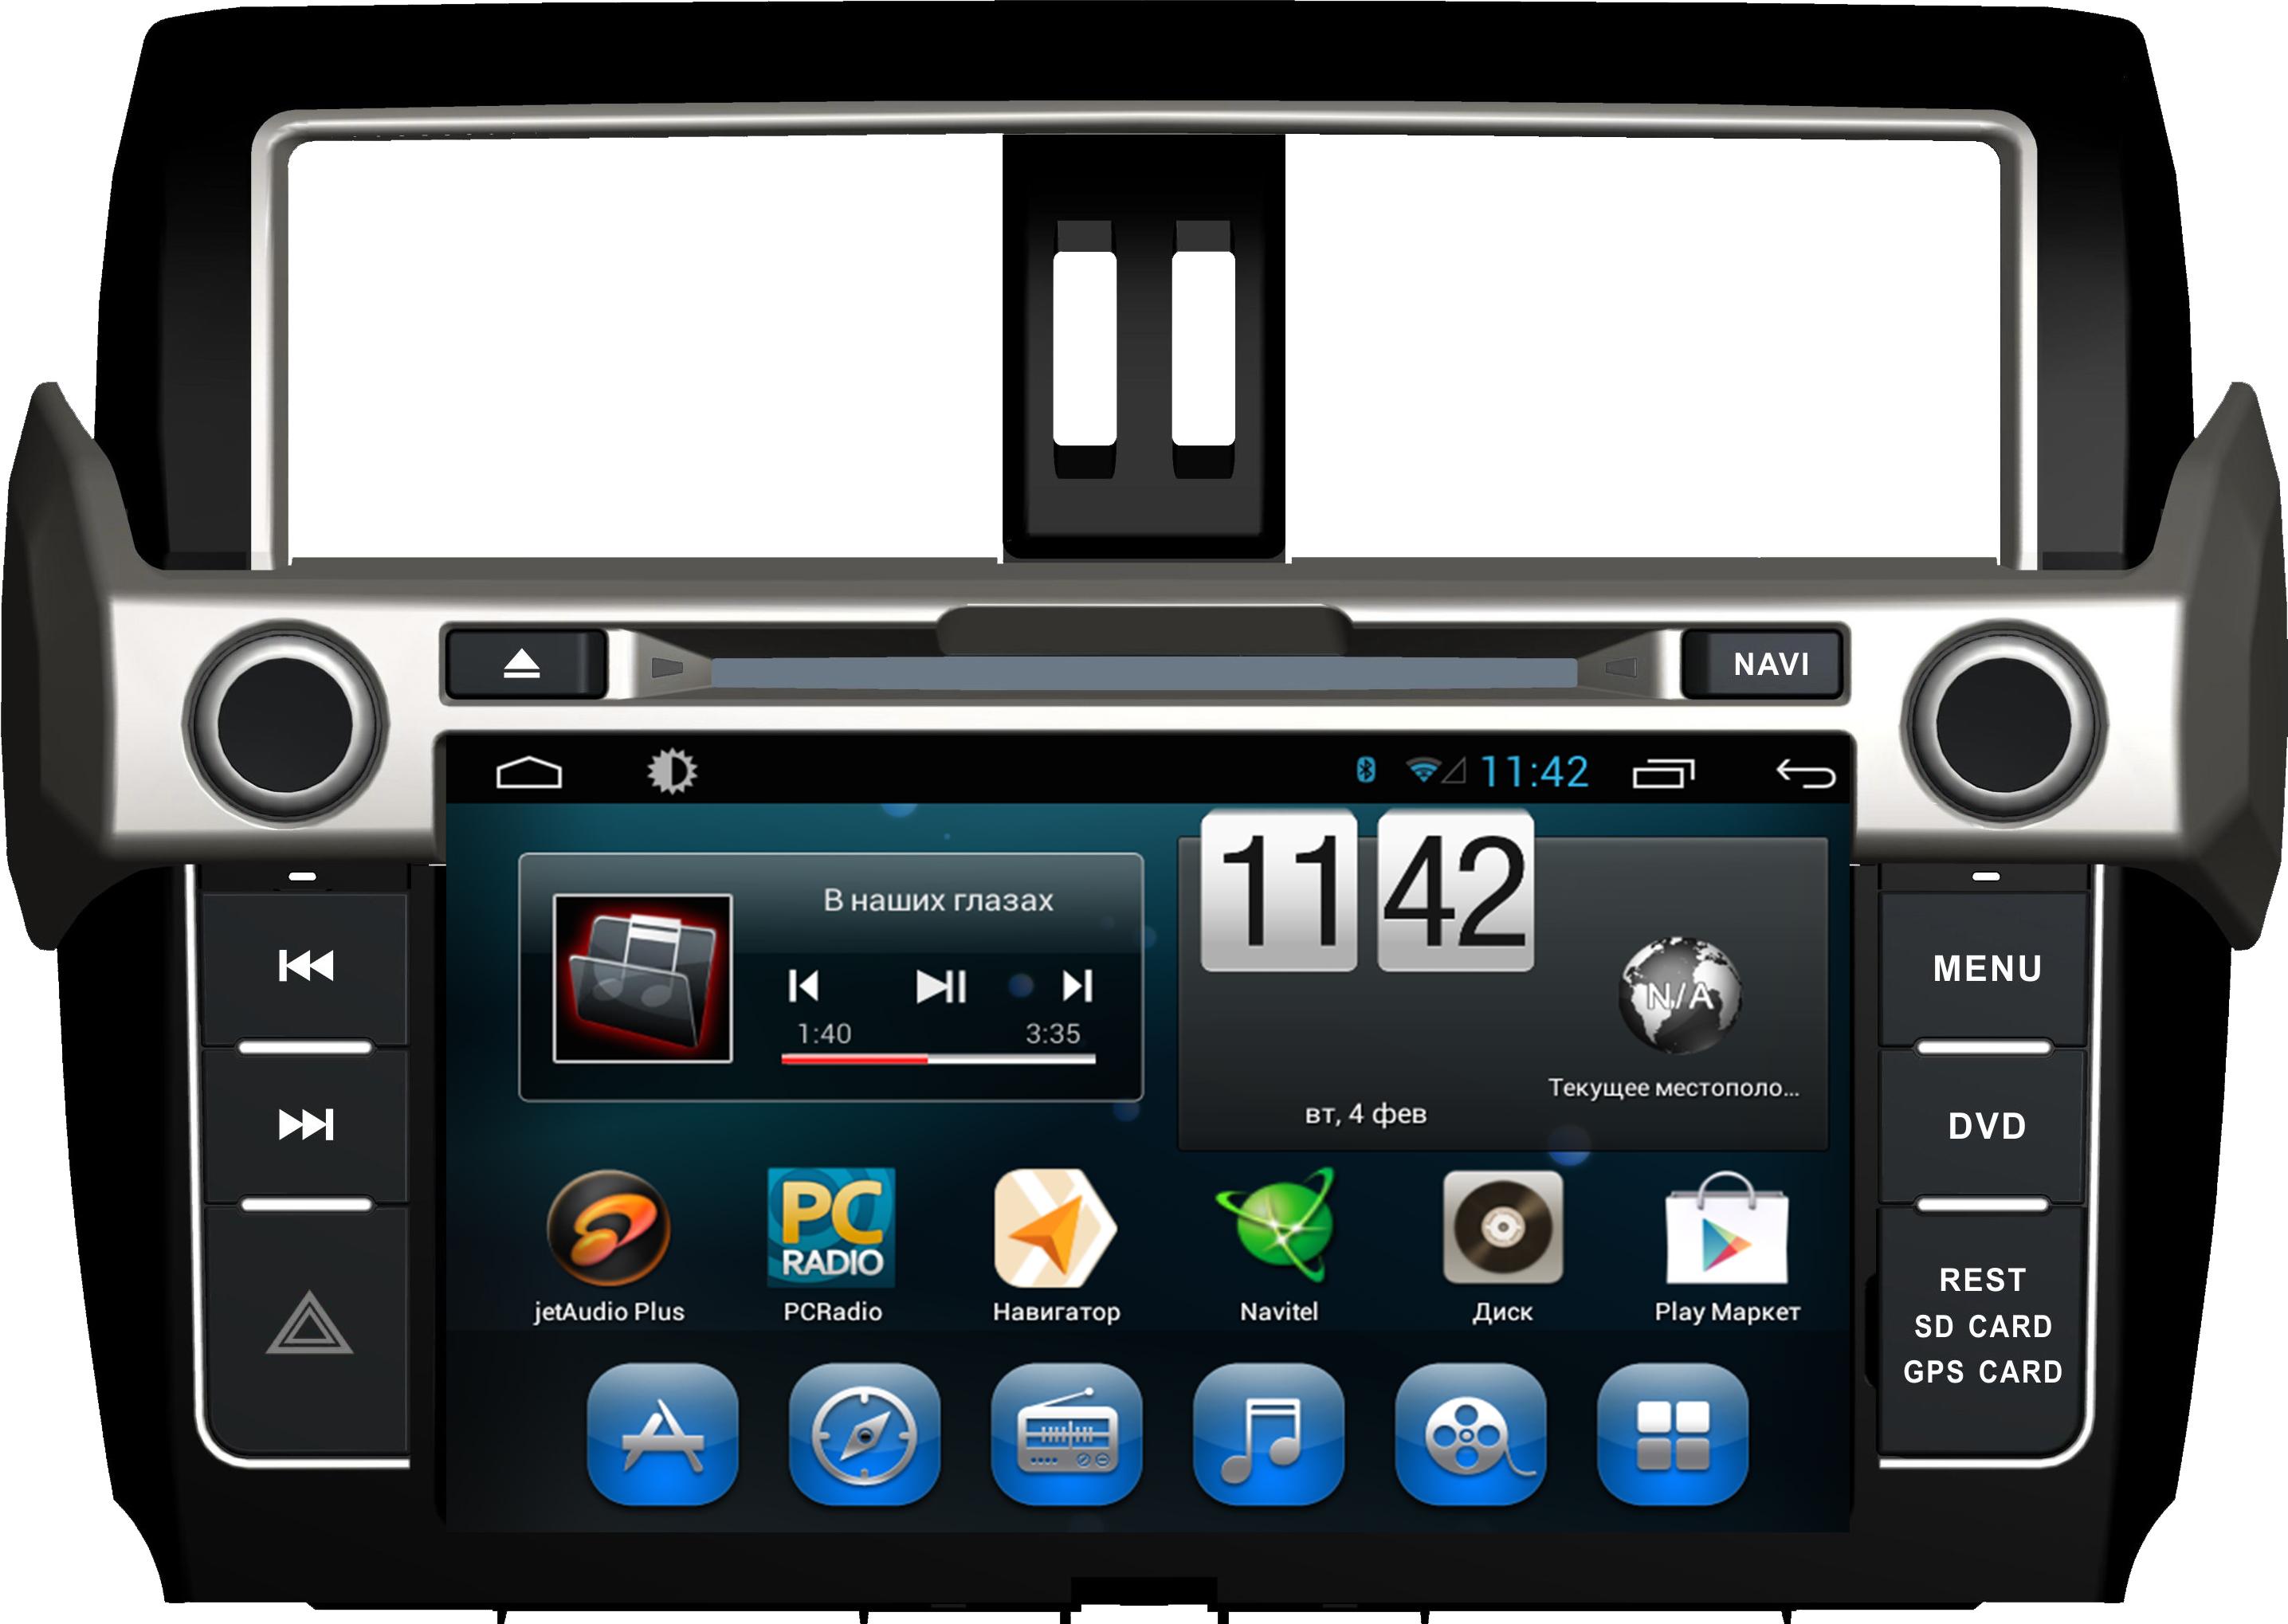 Штатная магнитола CARMEDIA QR-9000-T8 Toyota Land Cruiser Prado 150 2013-2016 (поддержка кругового обзора, усилителя, камеры, бк) на OC Android 7.1.2 / 8.1 штатная магнитола carmedia mkd 1040 dvd toyota land cruiser prado 150 2013 2016 поддержка кругового обзора